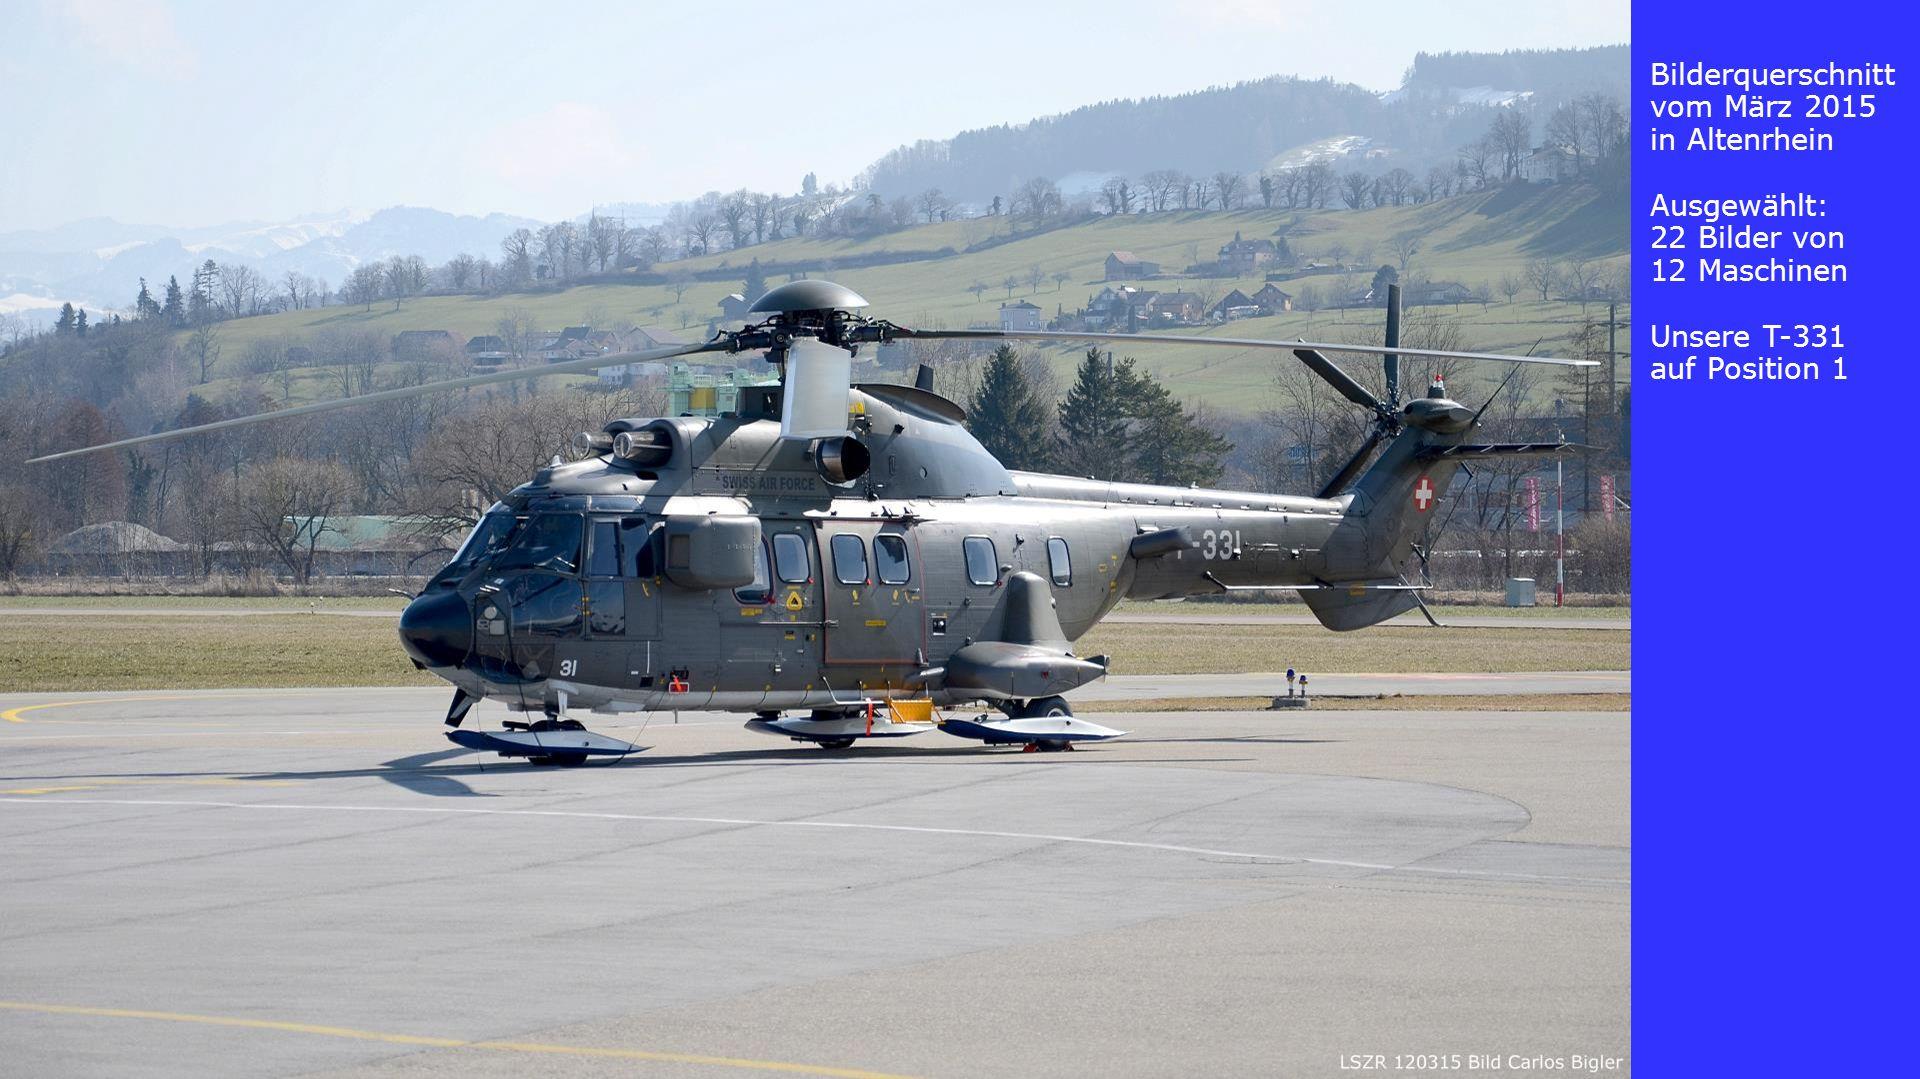 Bilderquerschnitt vom März 2015 in Altenrhein Ausgewählt: 22 Bilder von 12 Maschinen Unsere T-331 auf Position 1